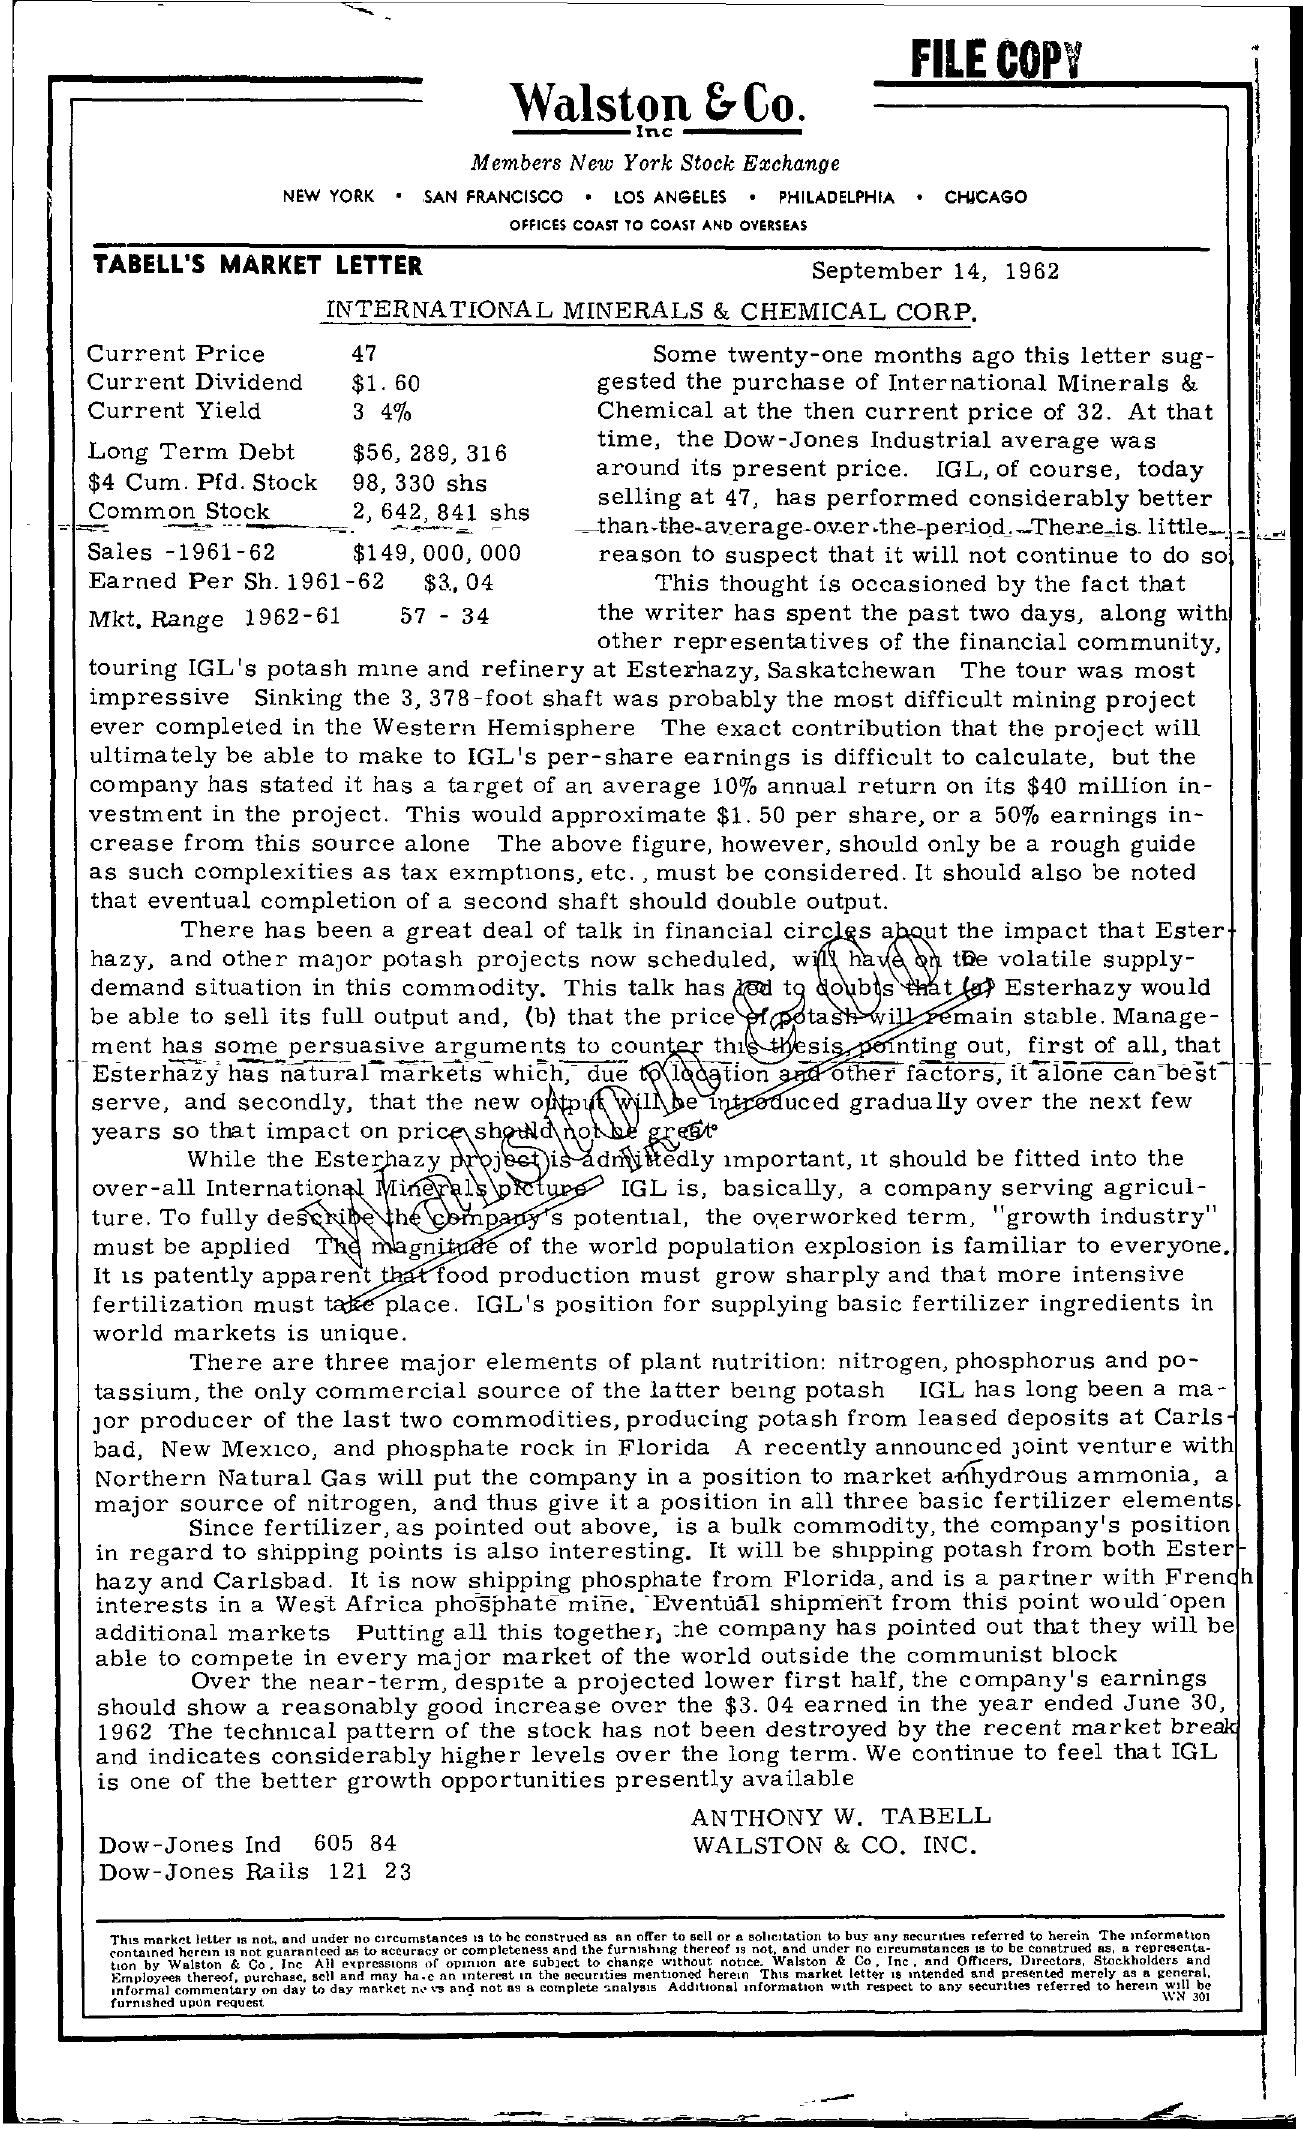 Tabell's Market Letter - September 14, 1962